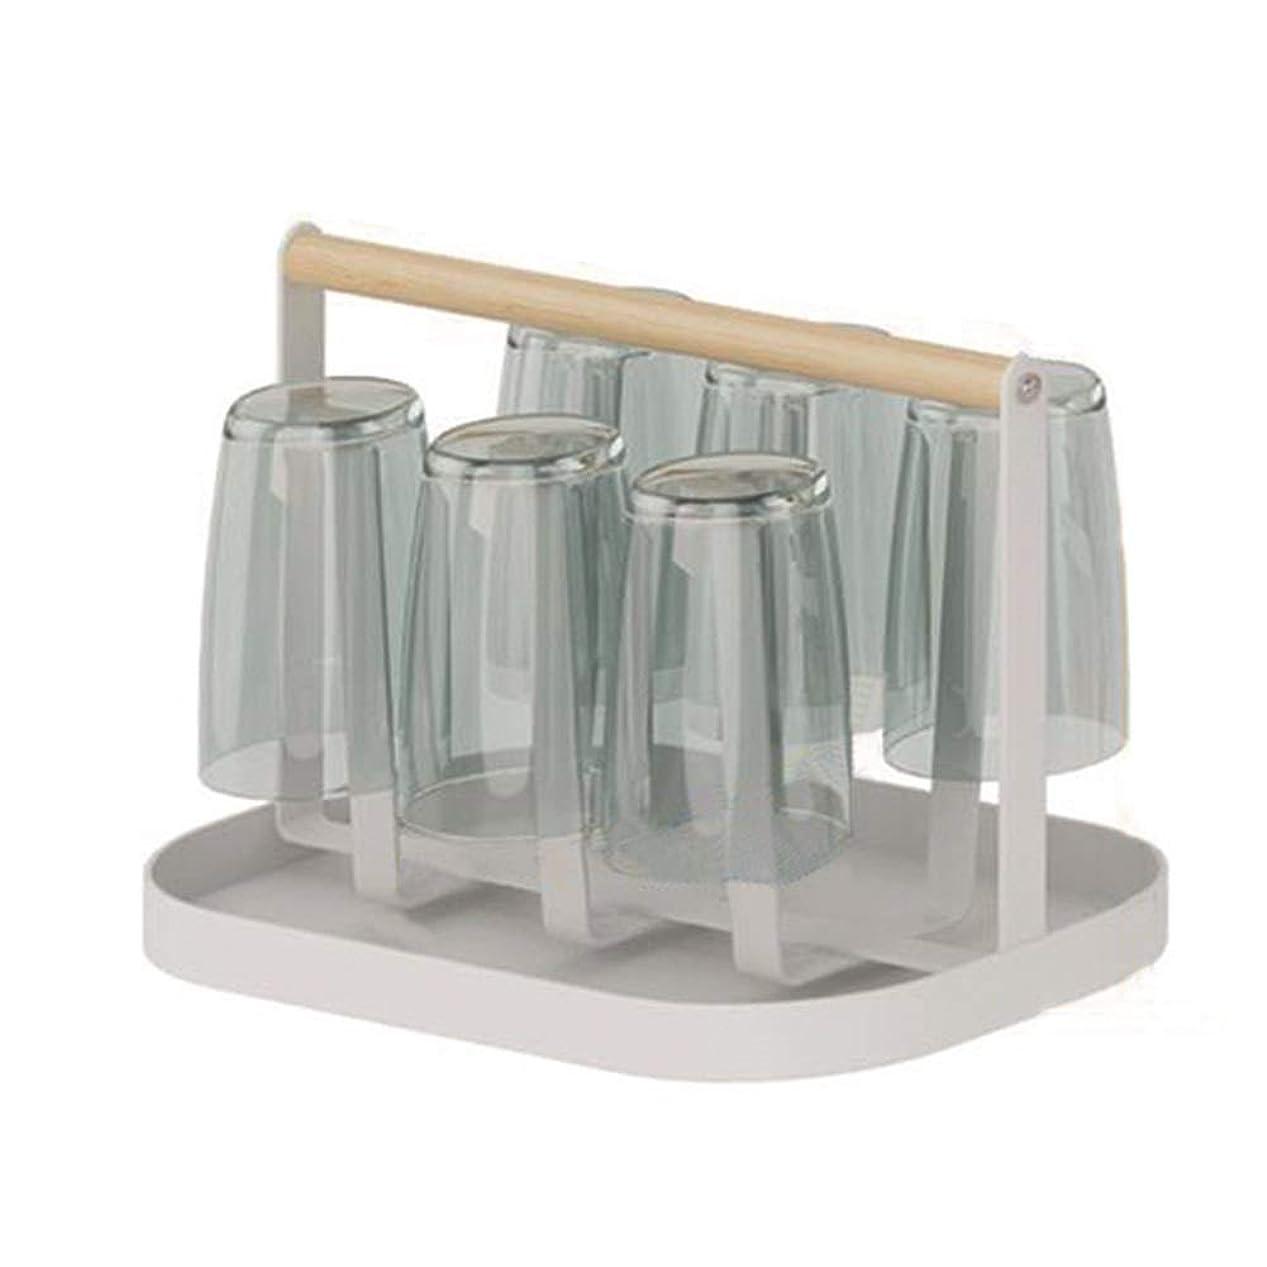 雪のインポートピッチャーYQQ-棚 水カップ乾燥ラックドレンカップホルダー収納ラックトレイ付き掃除が簡単キッチンリビングルームアクセサリーホワイト